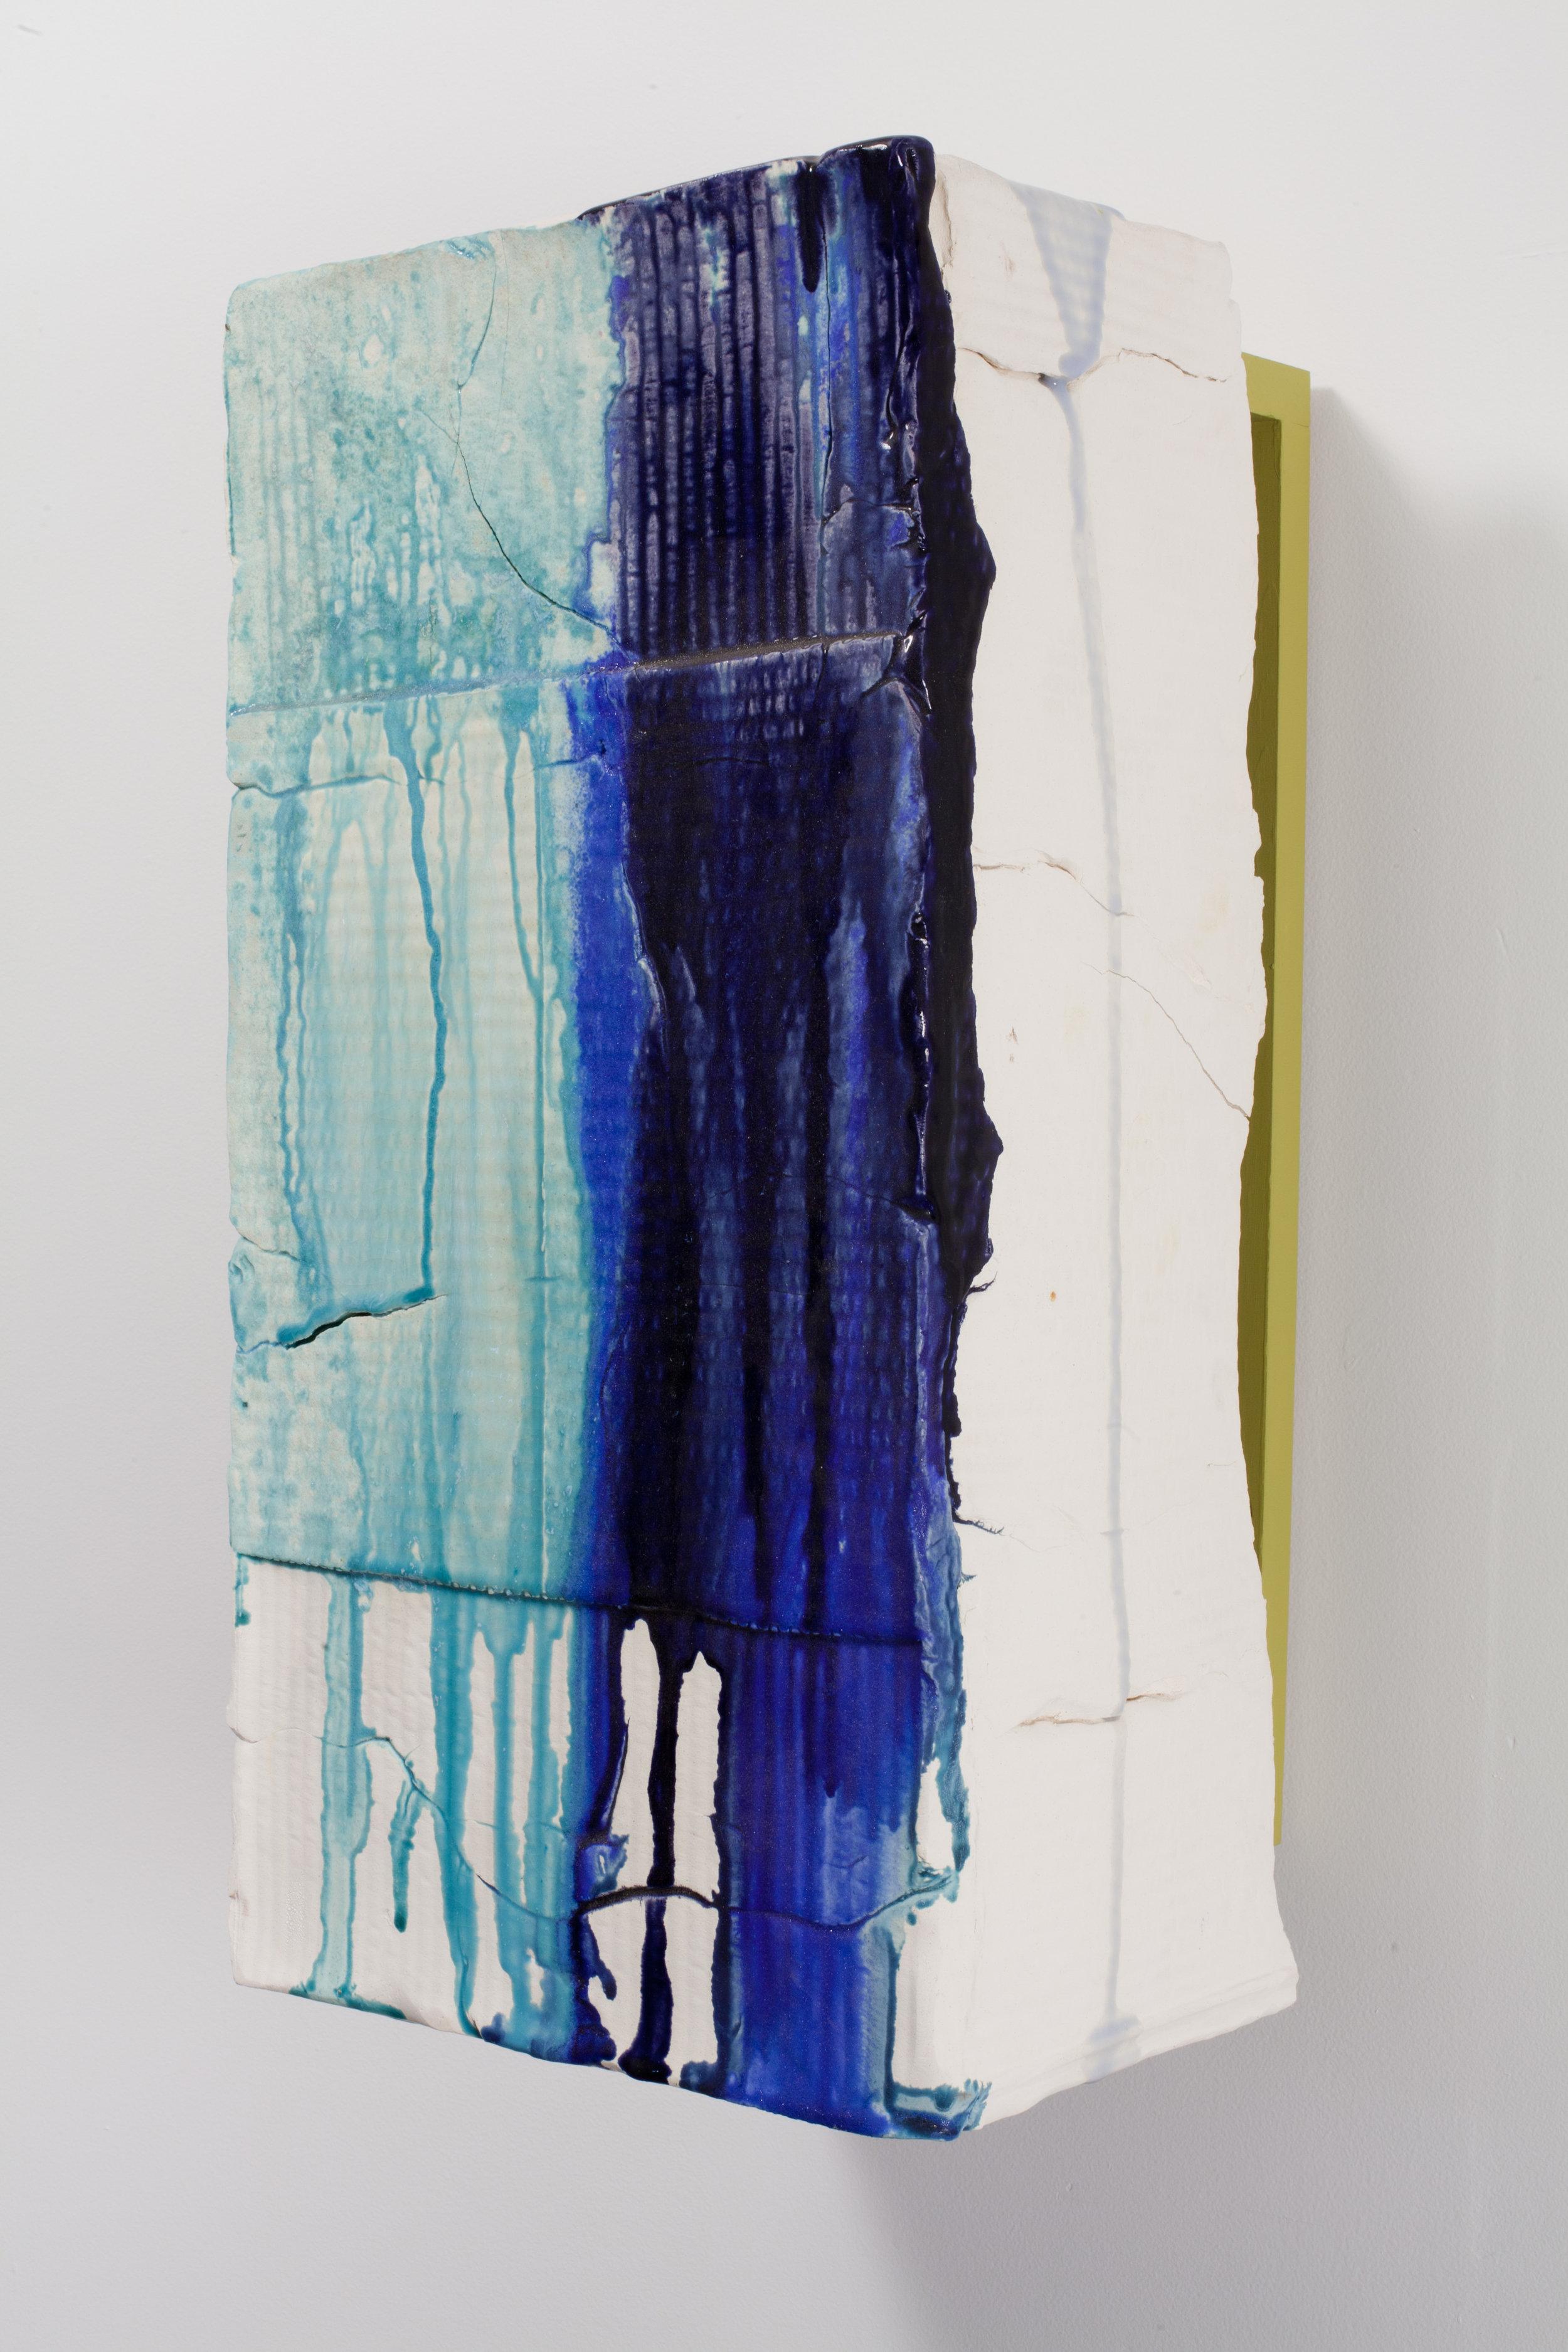 Nicole Cherubini  The Blues I,  2011 Earthenware, glaze, pine, acrylic 23.5 x 11.5 x 10.5 in.